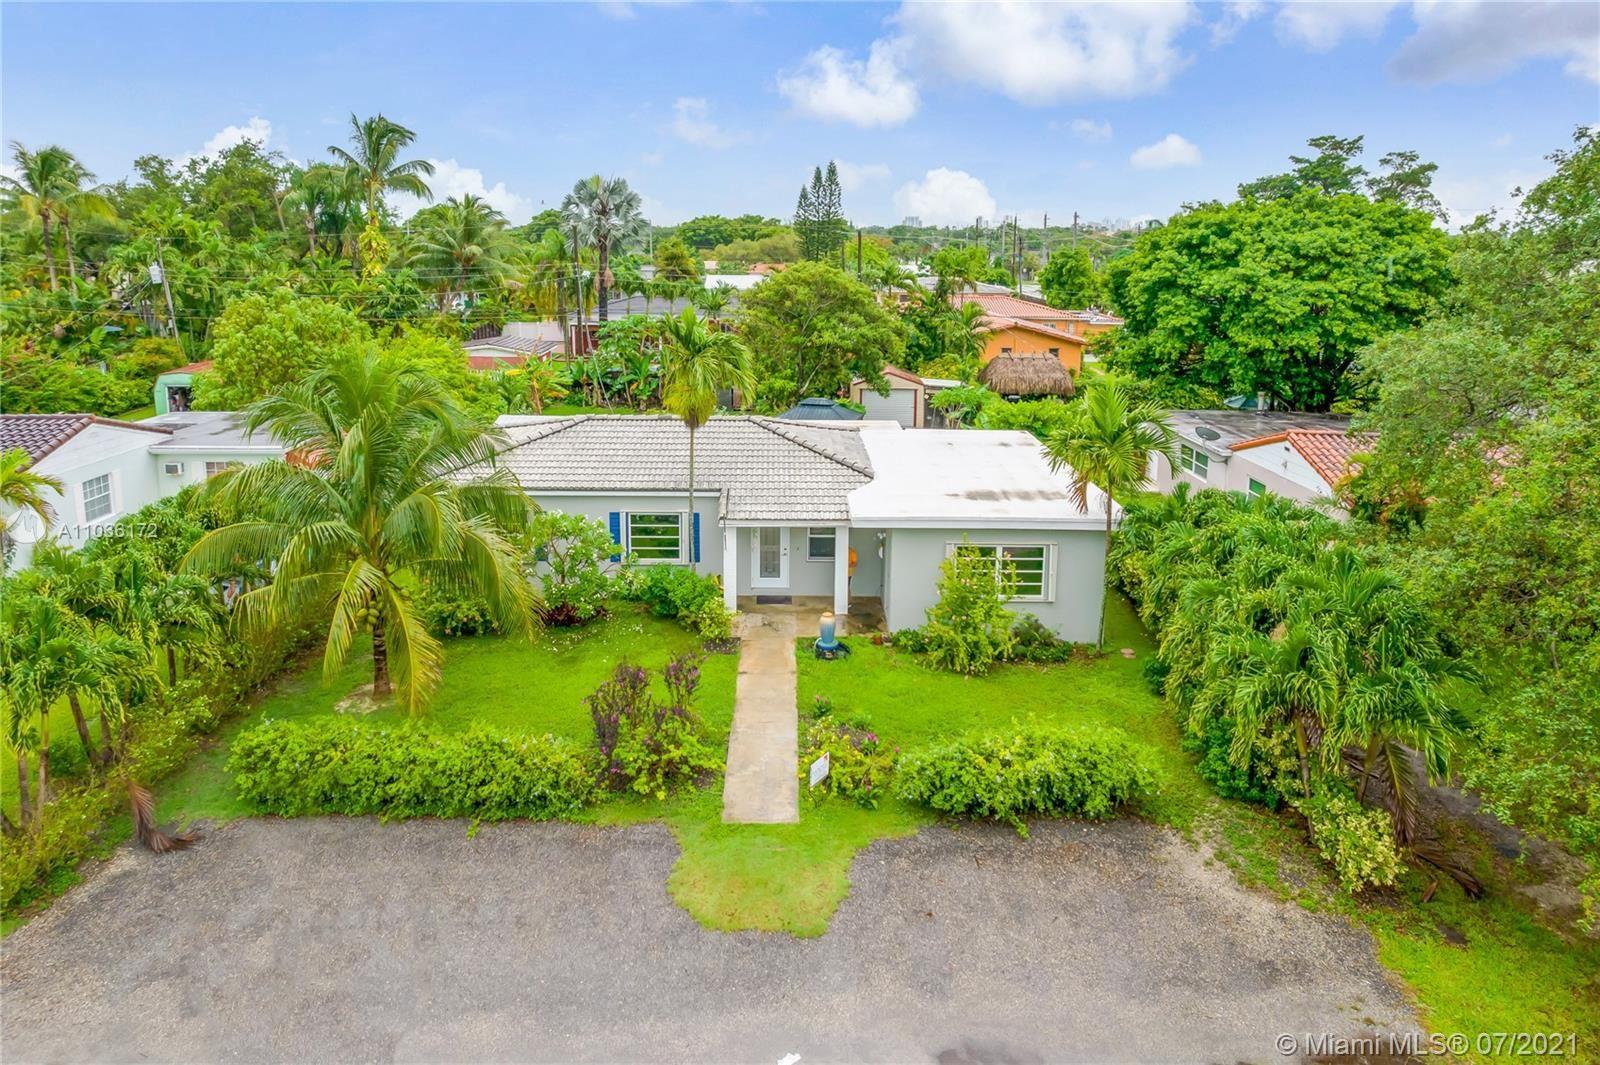 6620 SW 46th St, Miami, FL 33155 - #: A11036172